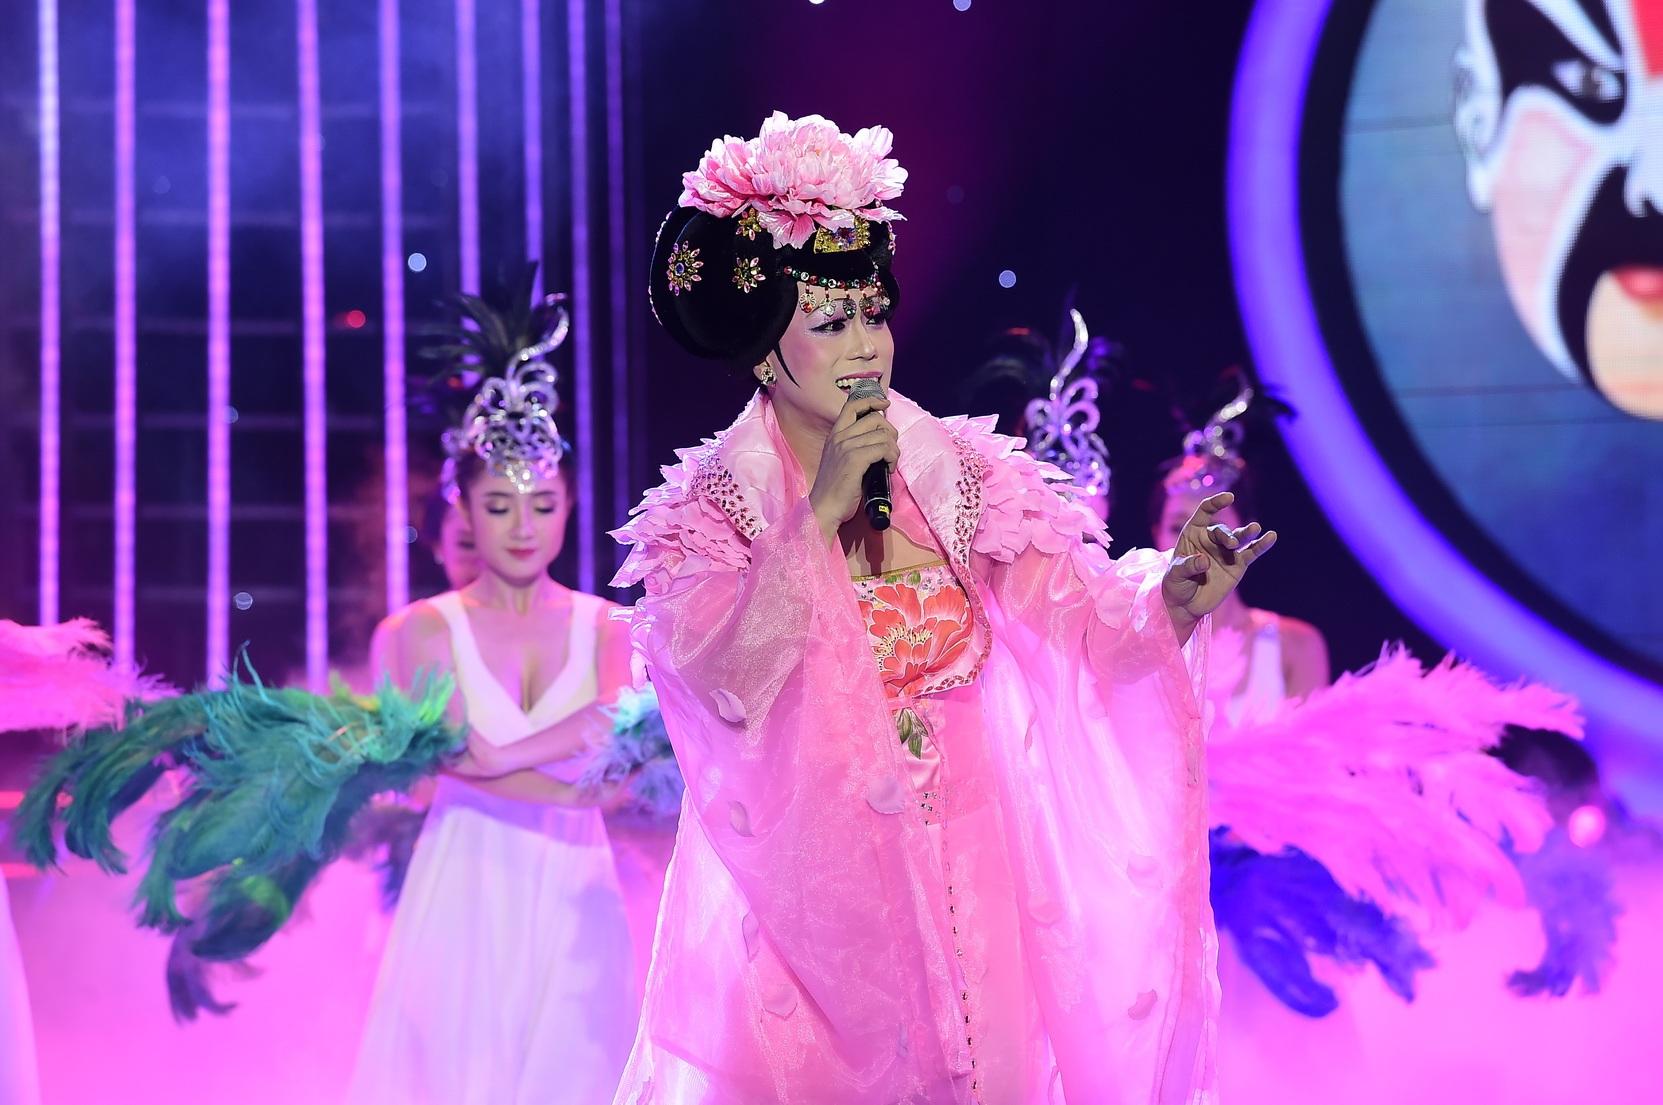 Với một quyết tâm lớn, Phan Ngọc Luân đã có phần giả gái xinh đẹp, quyến rũ và dịu dàng khiến cho khán giả và giám khảo thật sự rất bất ngờ.